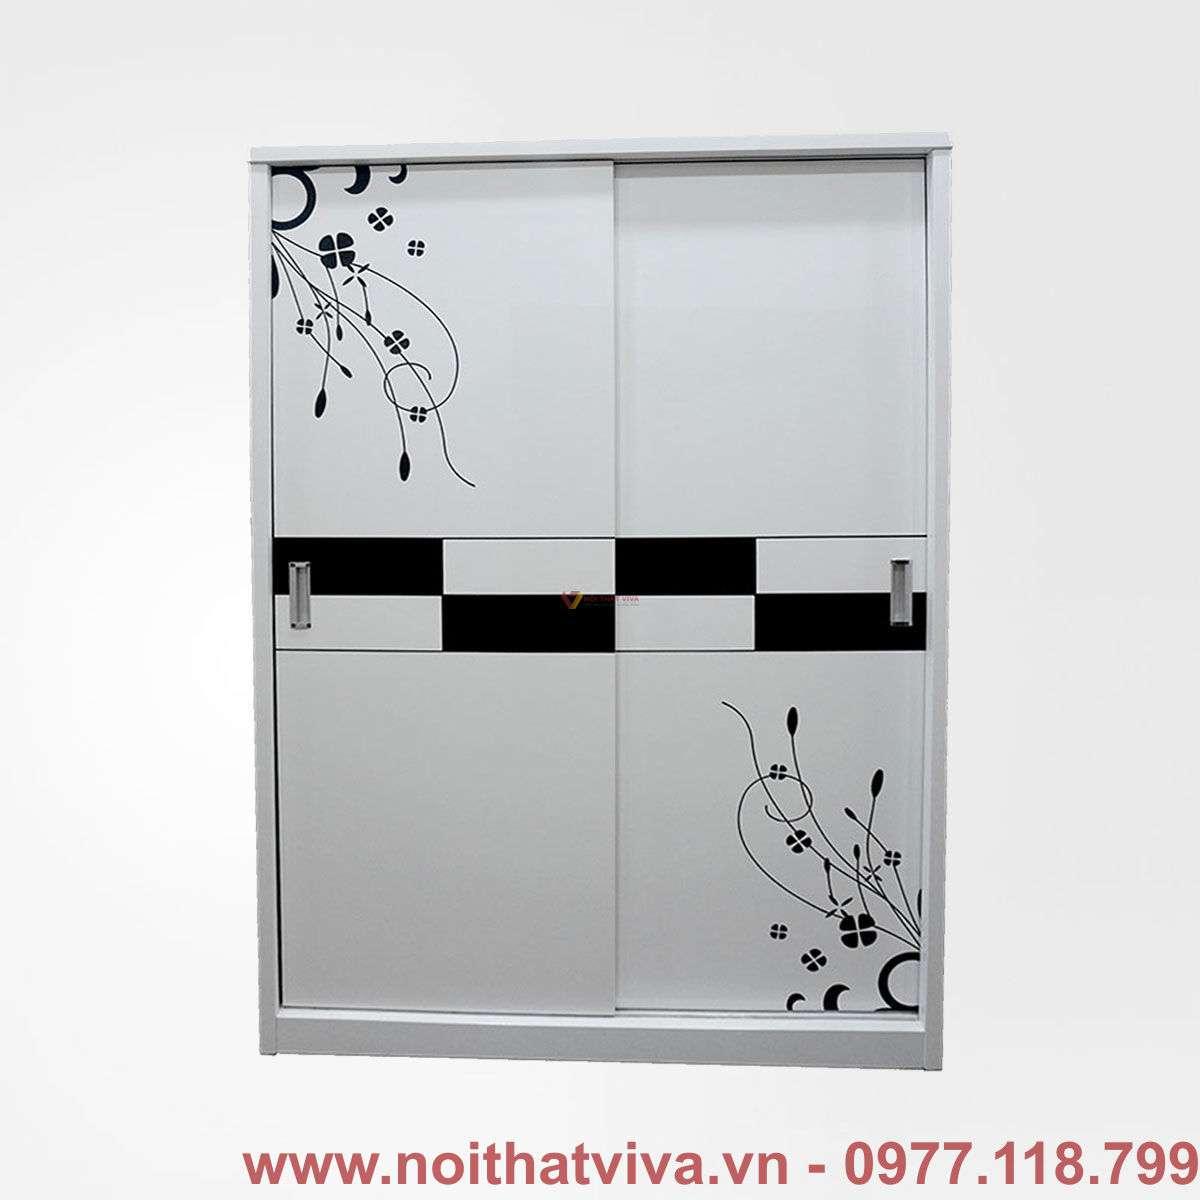 Tủ áo mdf cửa lùa màu trắng hoa văn hiện đại